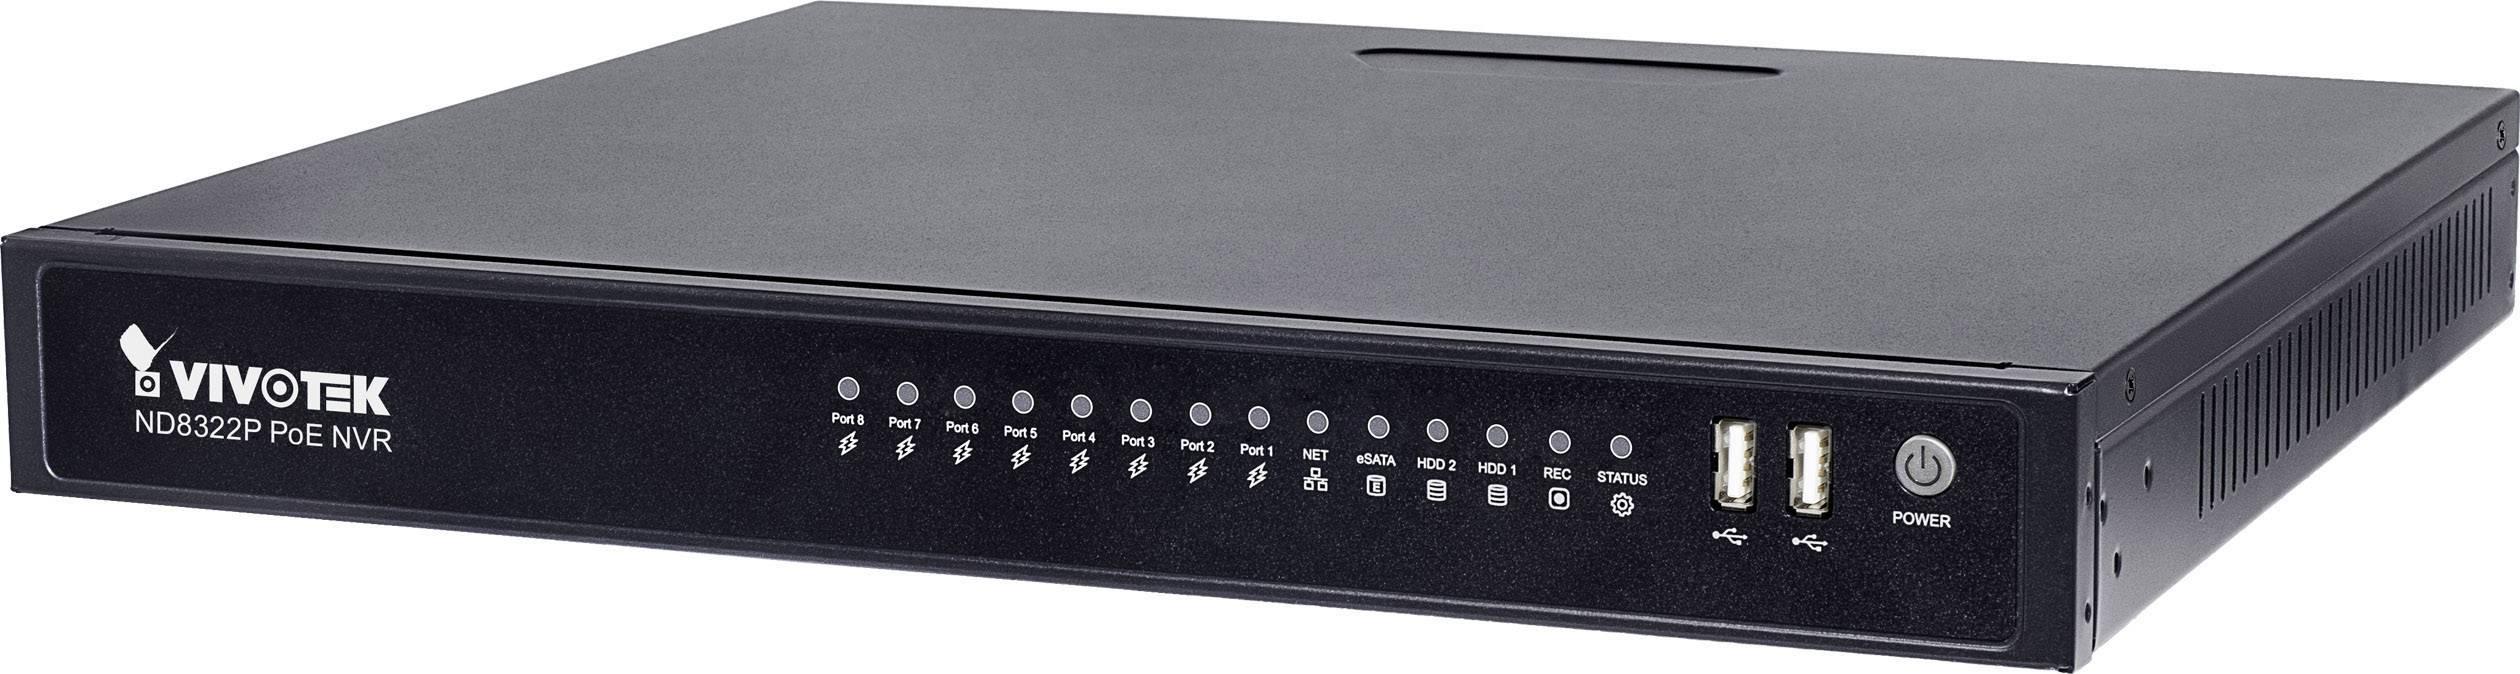 Síťový IP videorekordér (NVR) pro bezp. kamery Vivotek ND8322P, 8kanálový